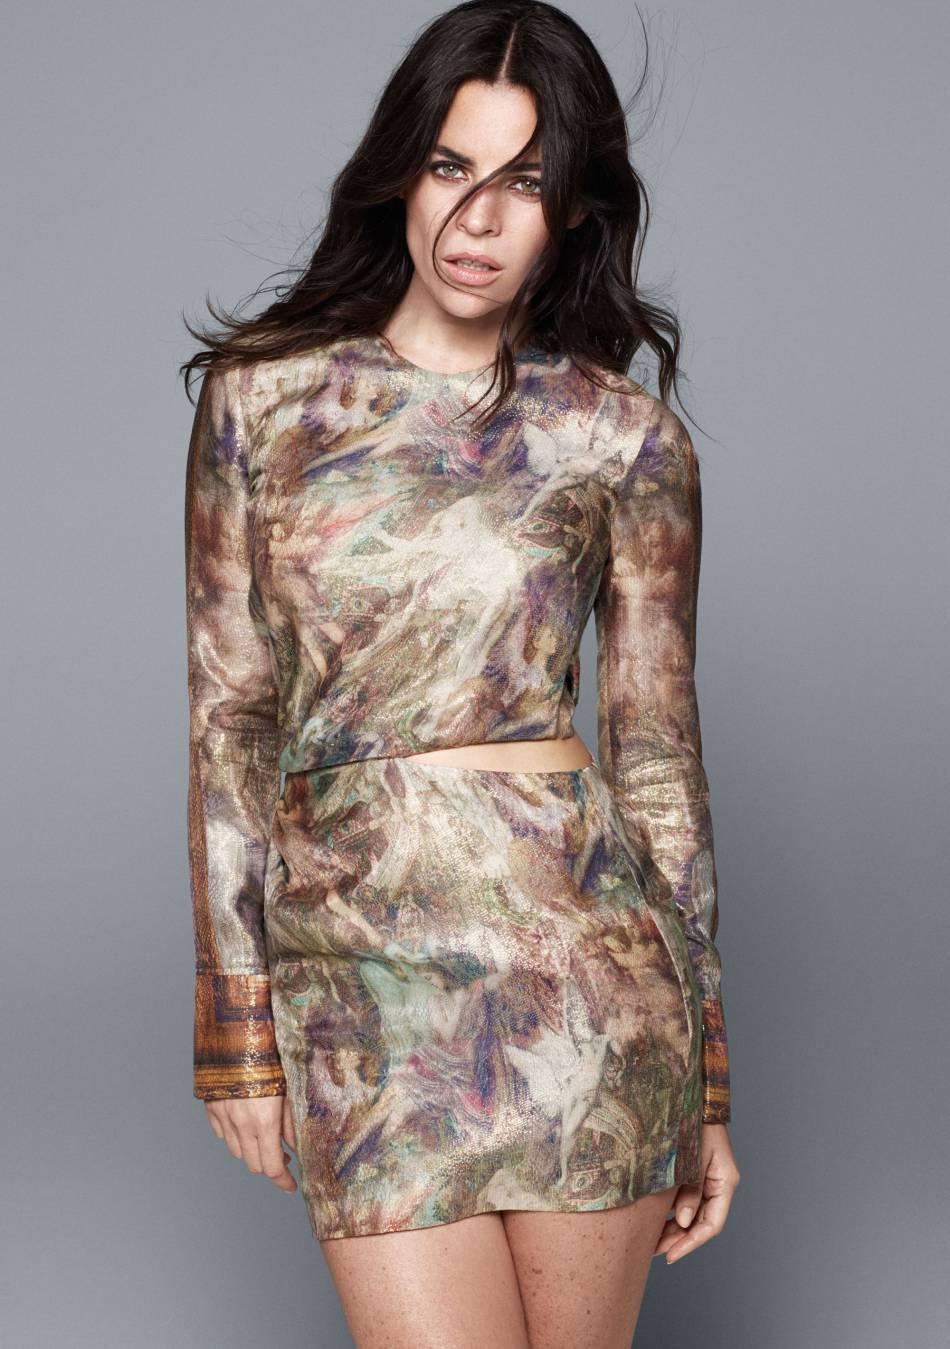 L'une des toiles de Gustave Moreau devient imprimé pour la collection H&M Conscious Exclusive.